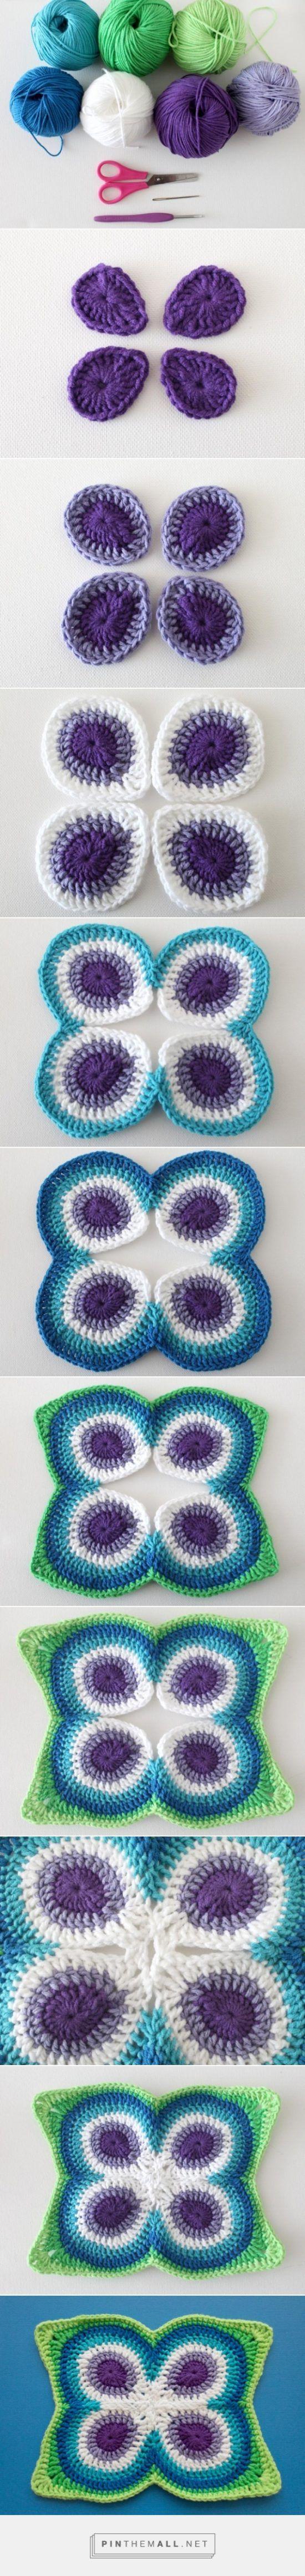 Peacock Crochet Blanket Pattern Free Video Tutorial | Croche ...